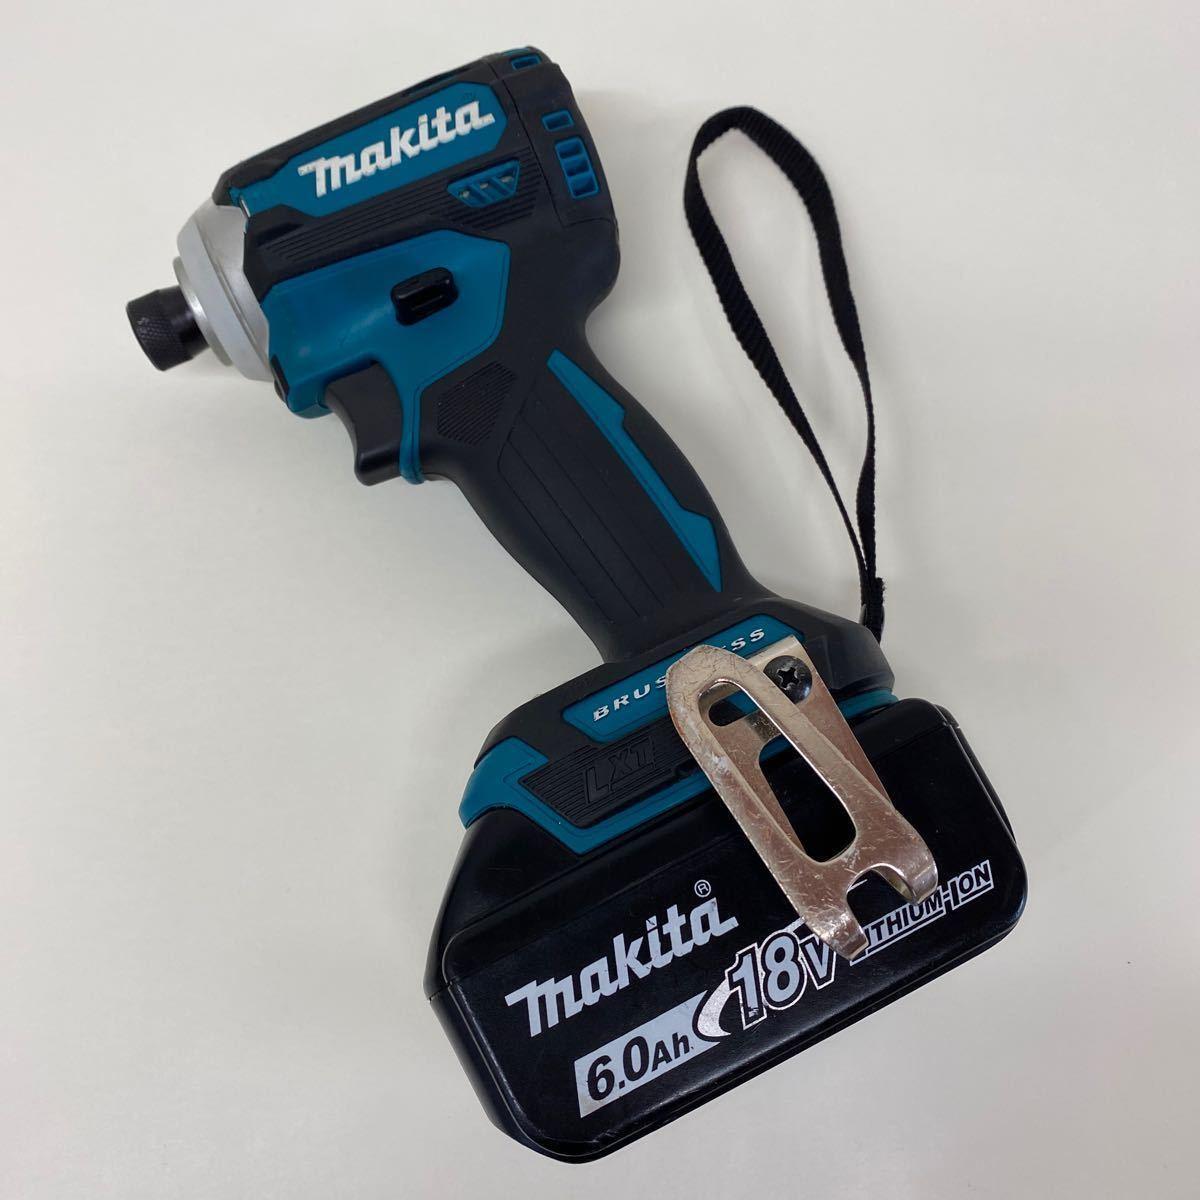 【中古・完動品】マキタ Makita TD171D 充電式インパクトドライバ 18v 『ブルー』BL1860B×2 DC18RF充電器 フルセット TD171DRGX 純正品_画像2